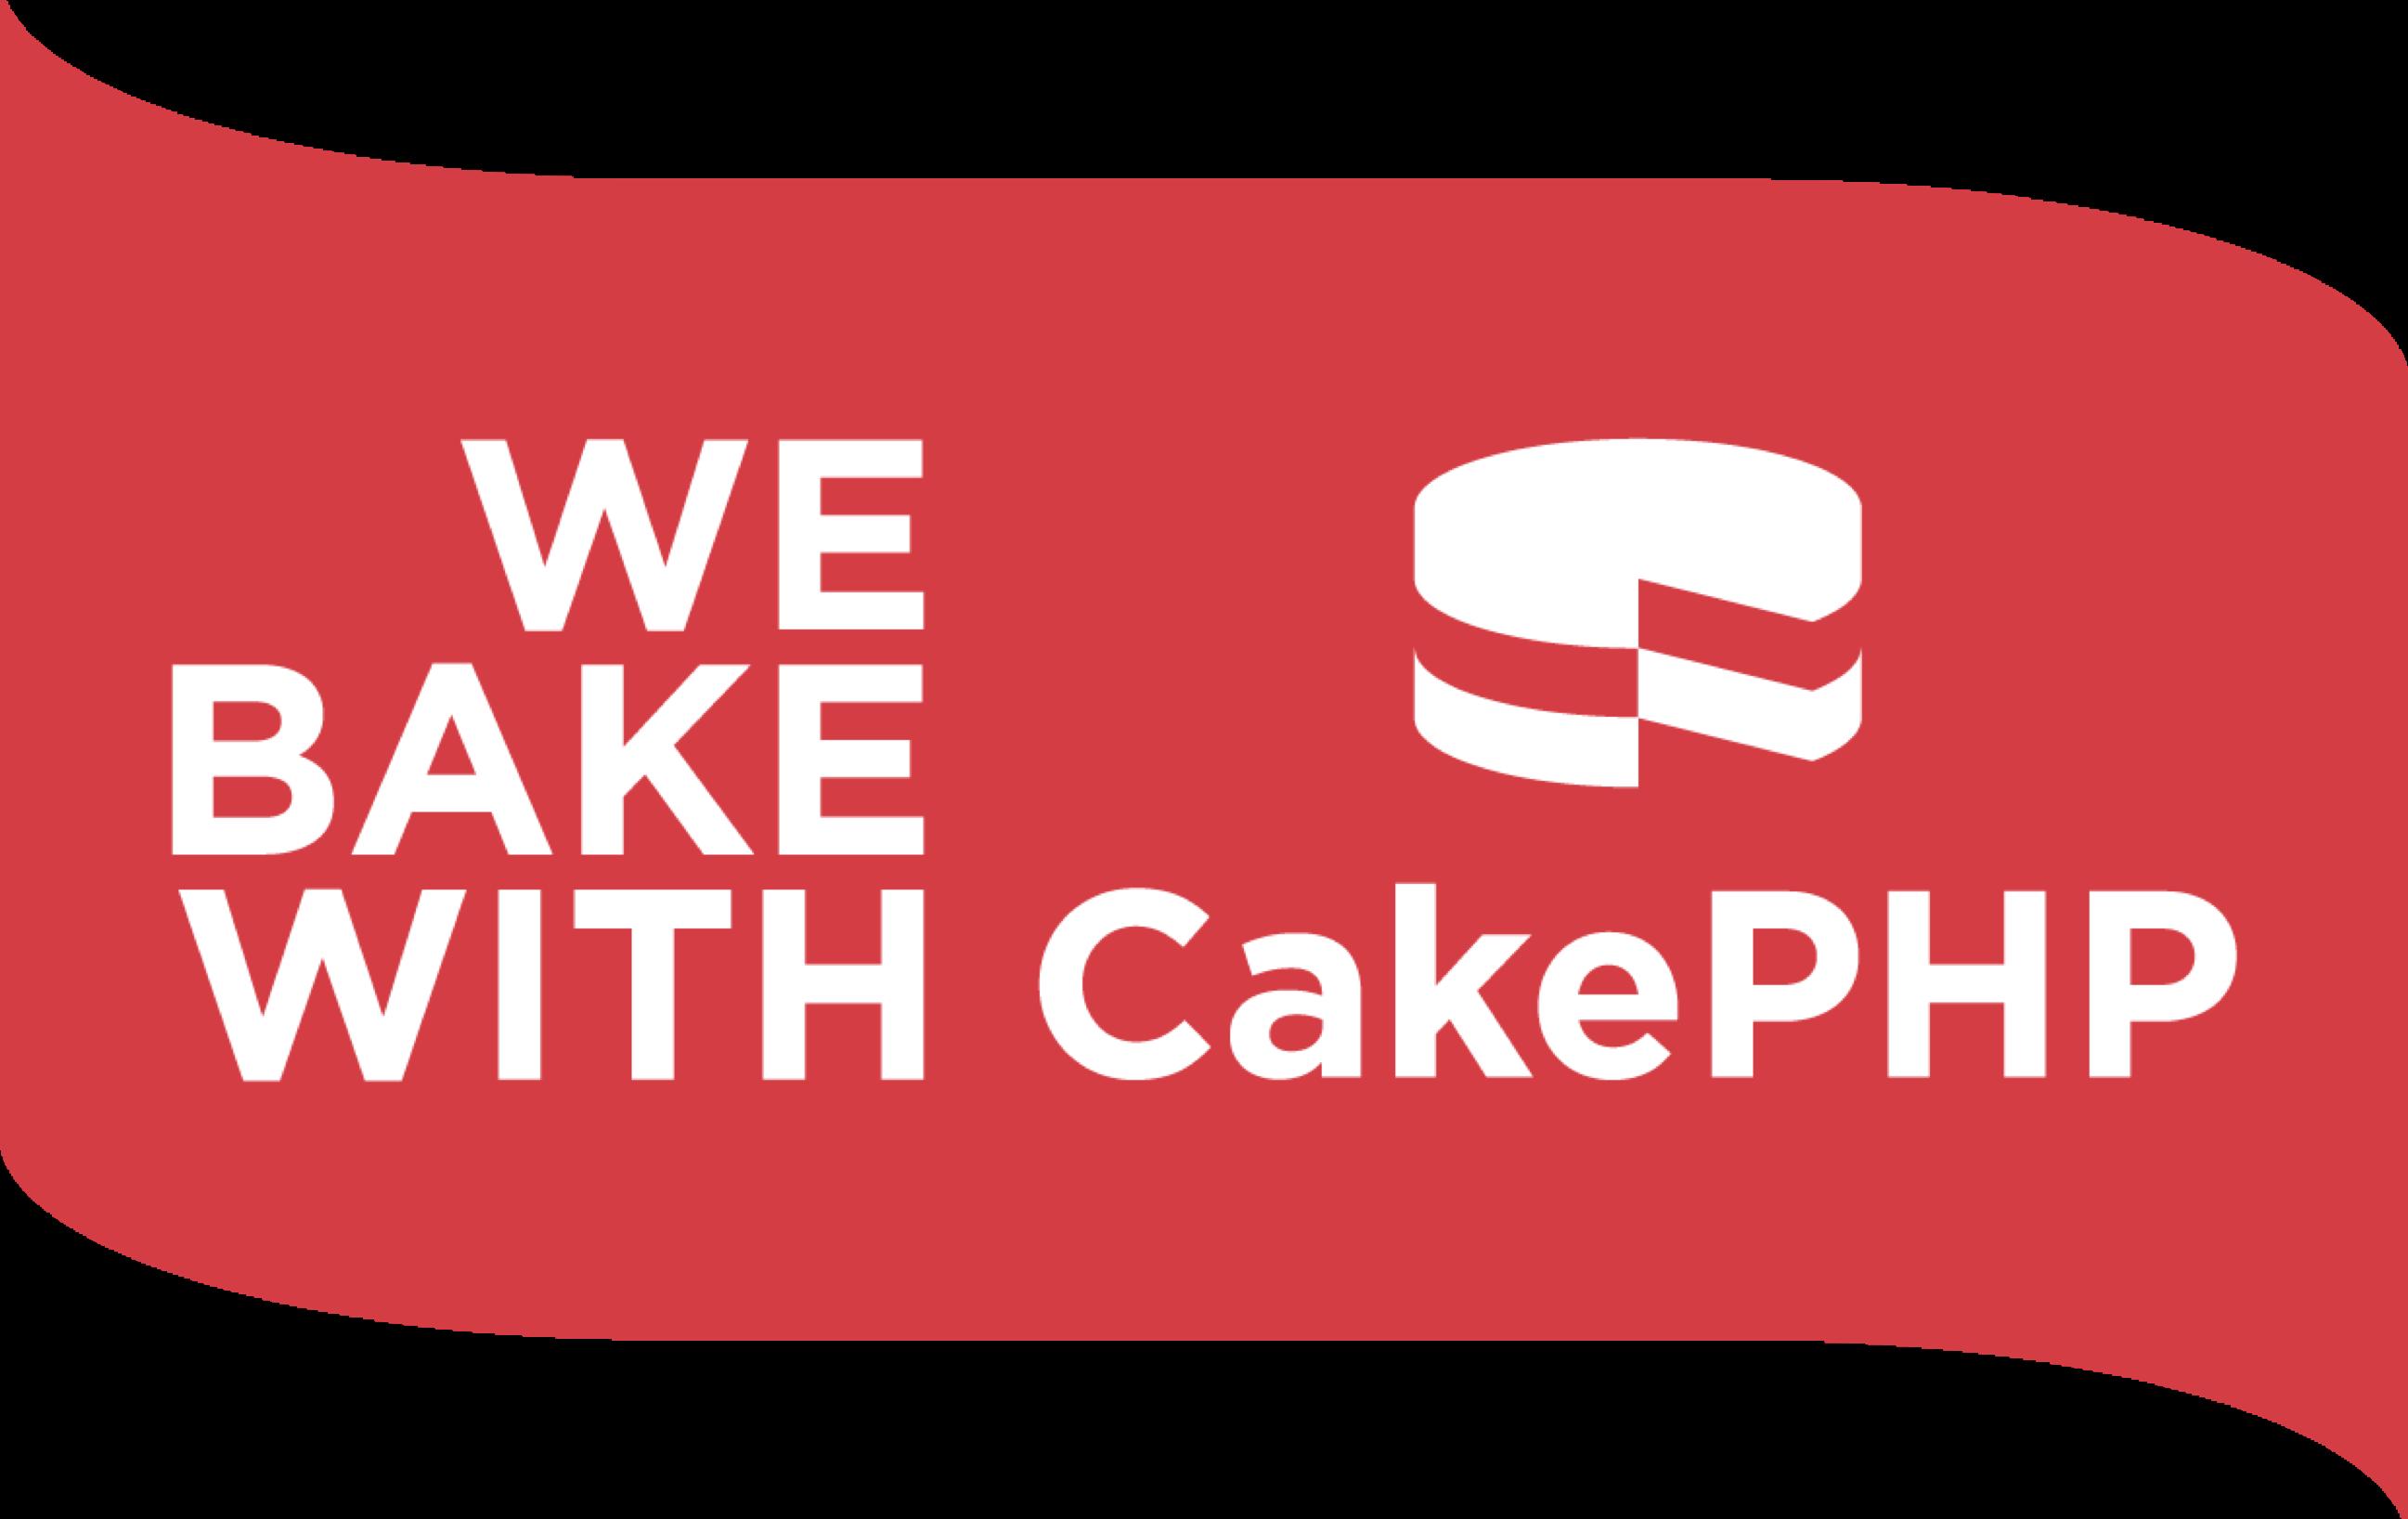 CakePHP web design derby nottingham